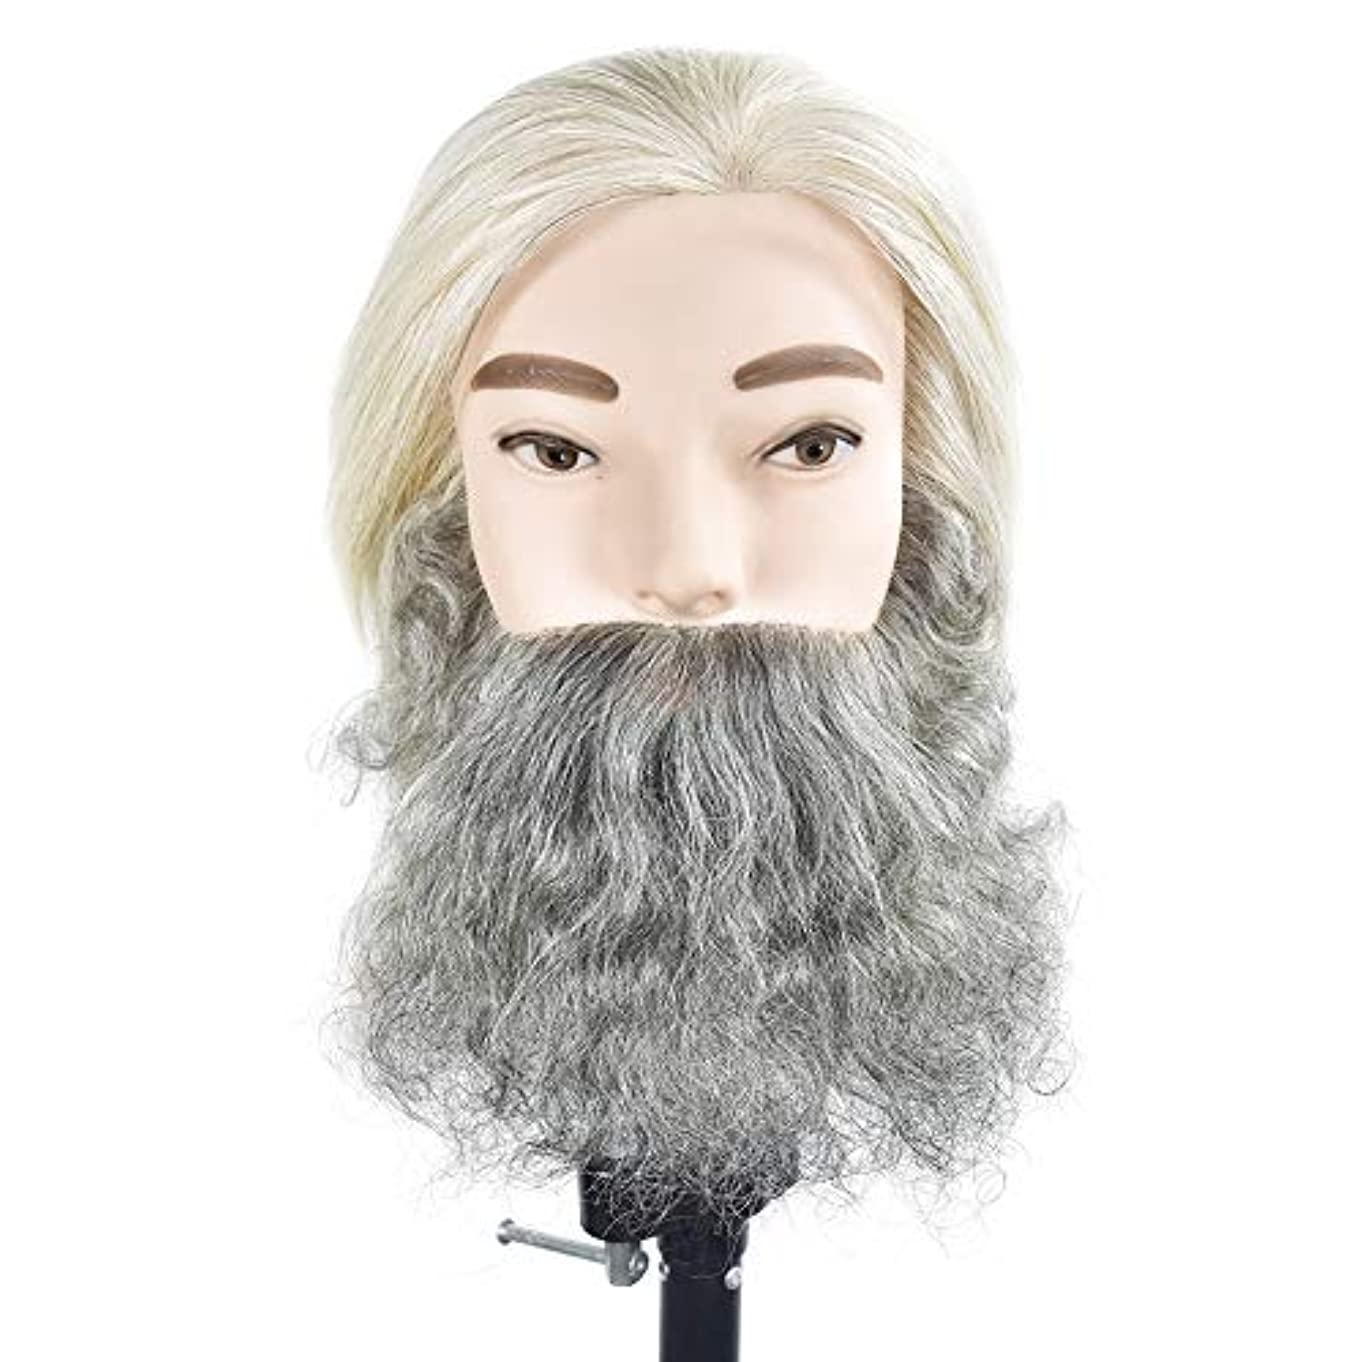 始まり傘繁雑リアル人間の髪トレーニングヘッドパーマ髪モデル髪染め理髪ダミーヘッドトリミングひげ学習ヘッドモデル